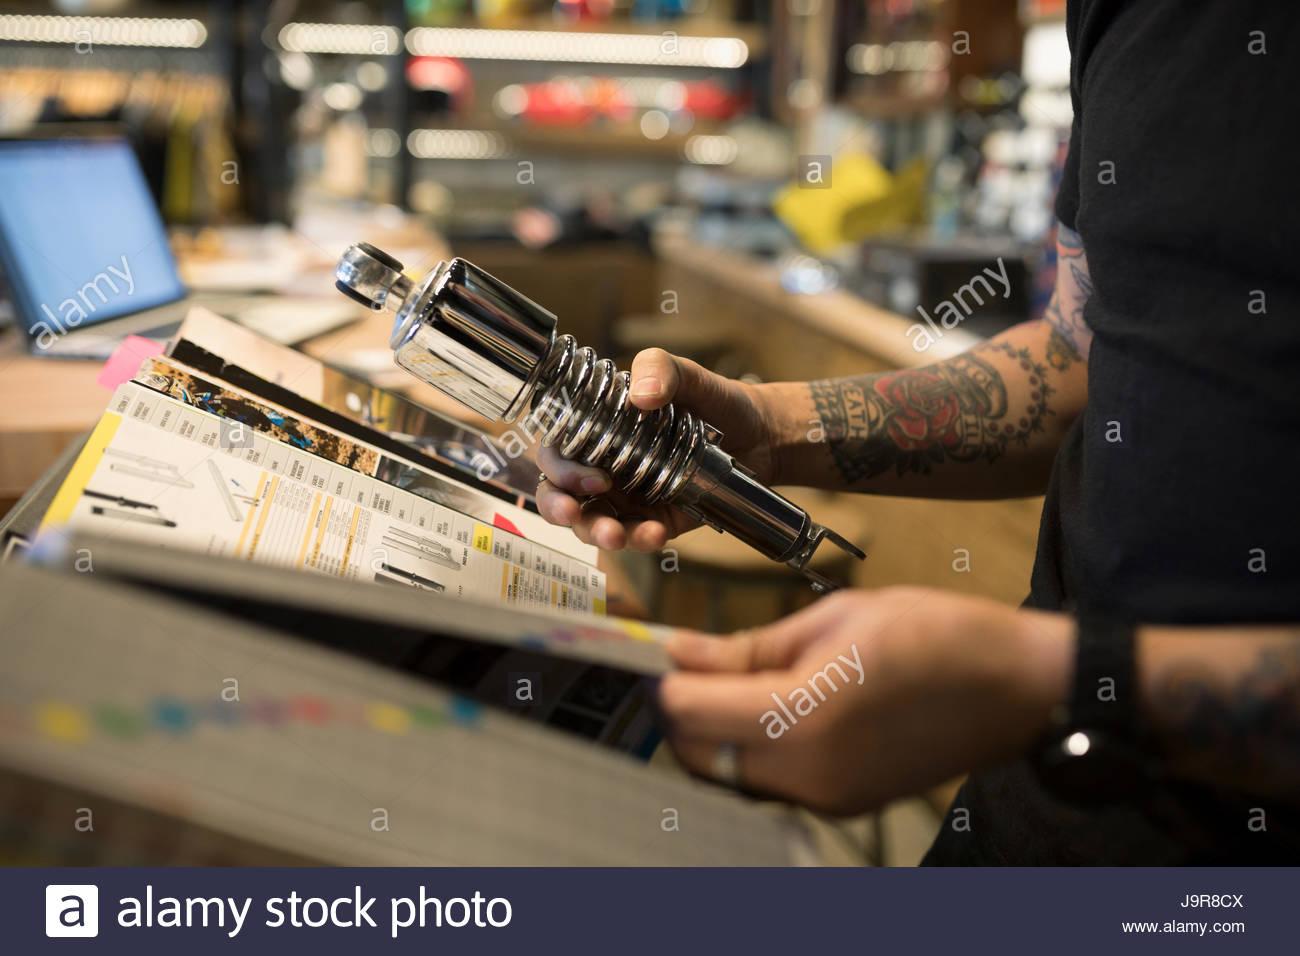 Moto meccanico parte di ritegno e la navigazione catalogo in negozio di riparazioni auto Immagini Stock